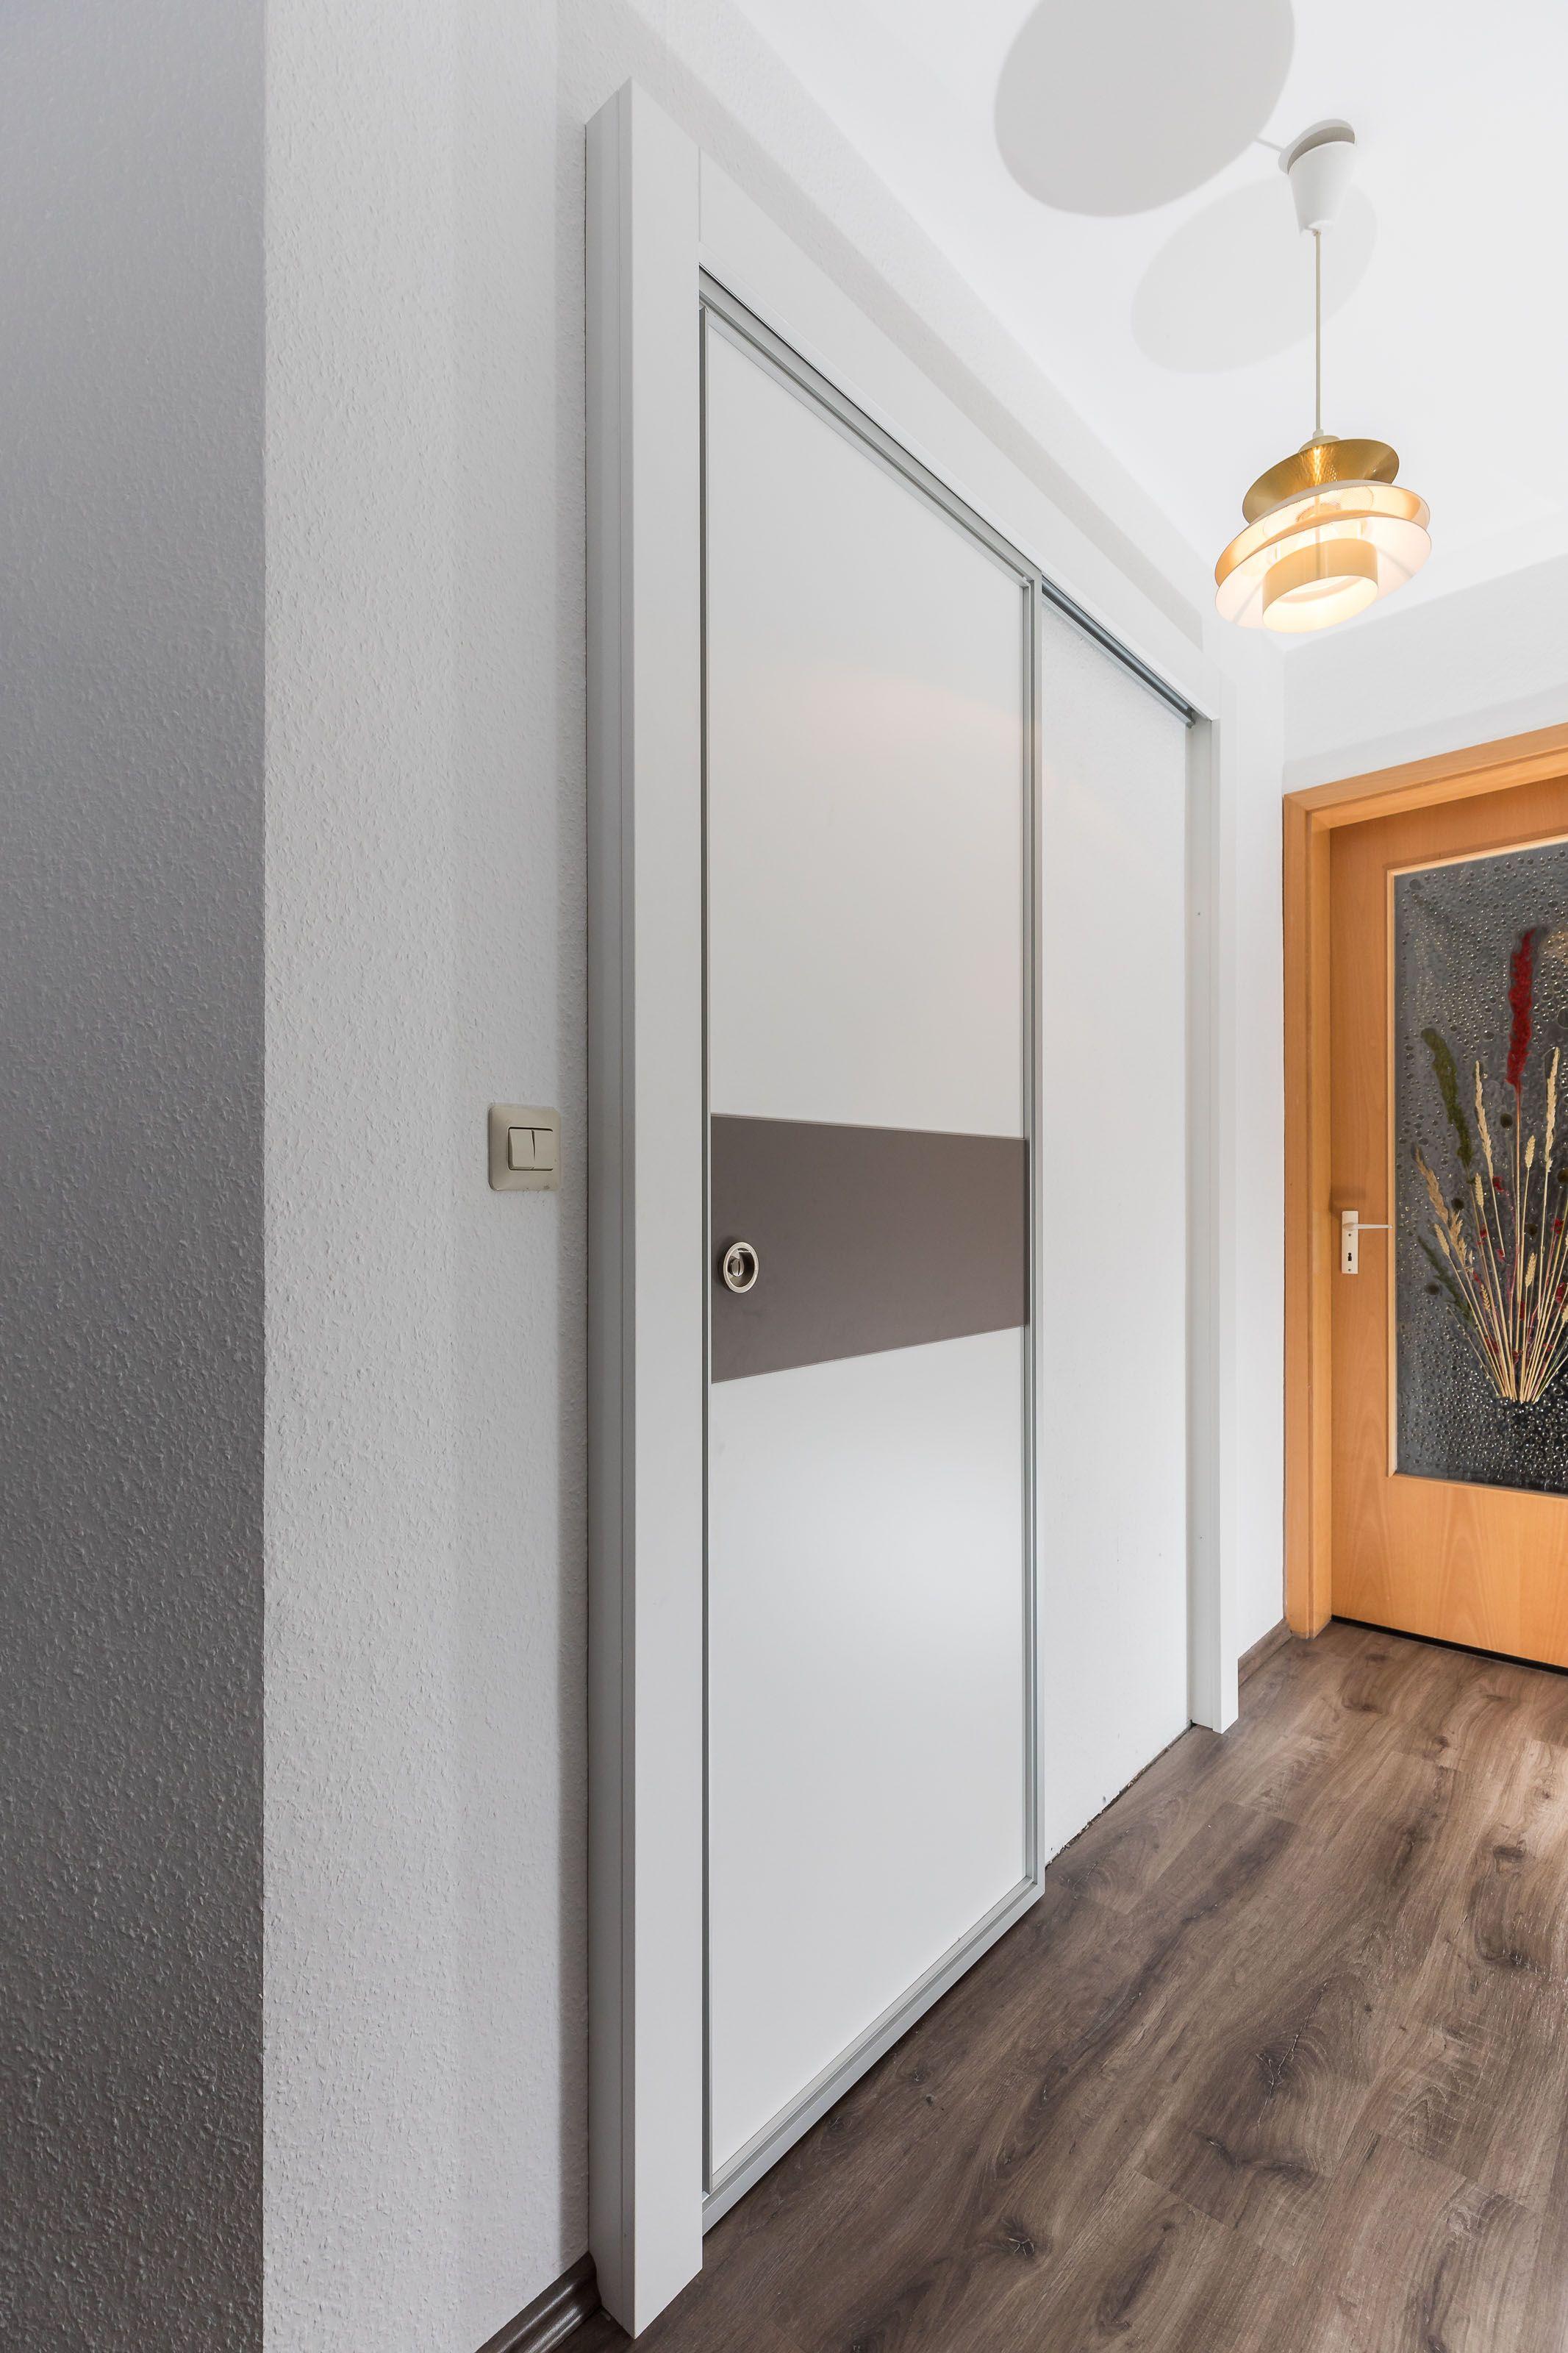 Schiebeturanlage Als Badezimmertur Hangend Und Abschliessbar